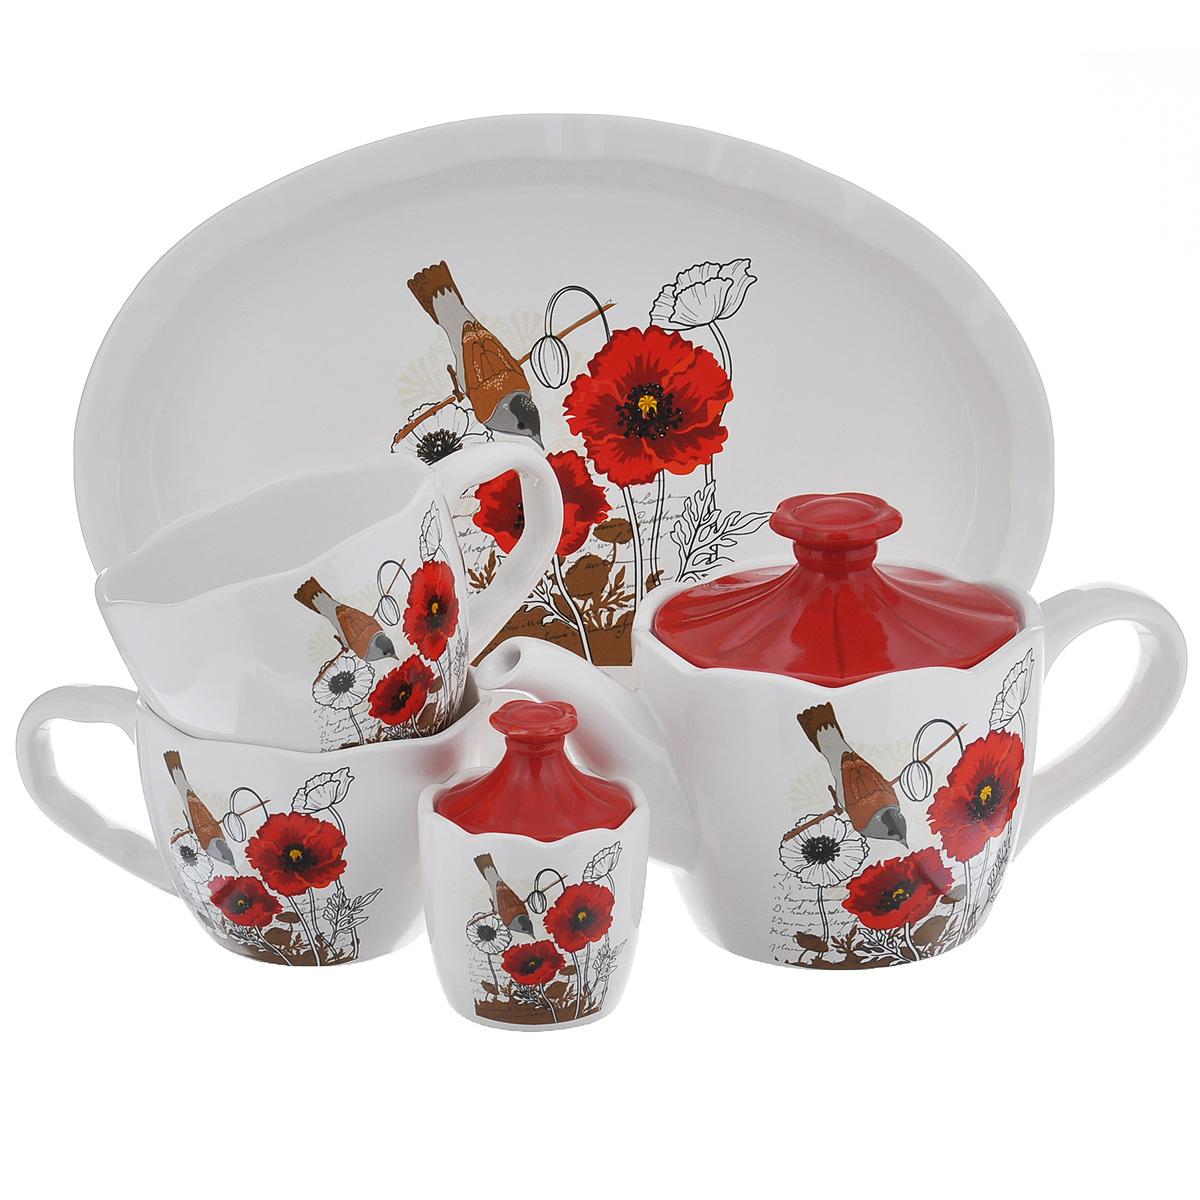 Набор чайный Маки, 5 предметов115510Набор чайный Маки состоит из двух чашек, заварочного чайника, сахарницы и подноса. Набор выполнен из доломитовой керамики и декорирован изображением цветов. Оригинальный дизайн, эстетичность и функциональность набора позволят ему стать достойным дополнением к кухонному инвентарю.Можно мыть в посудомоечной машине на минимальной температуре.